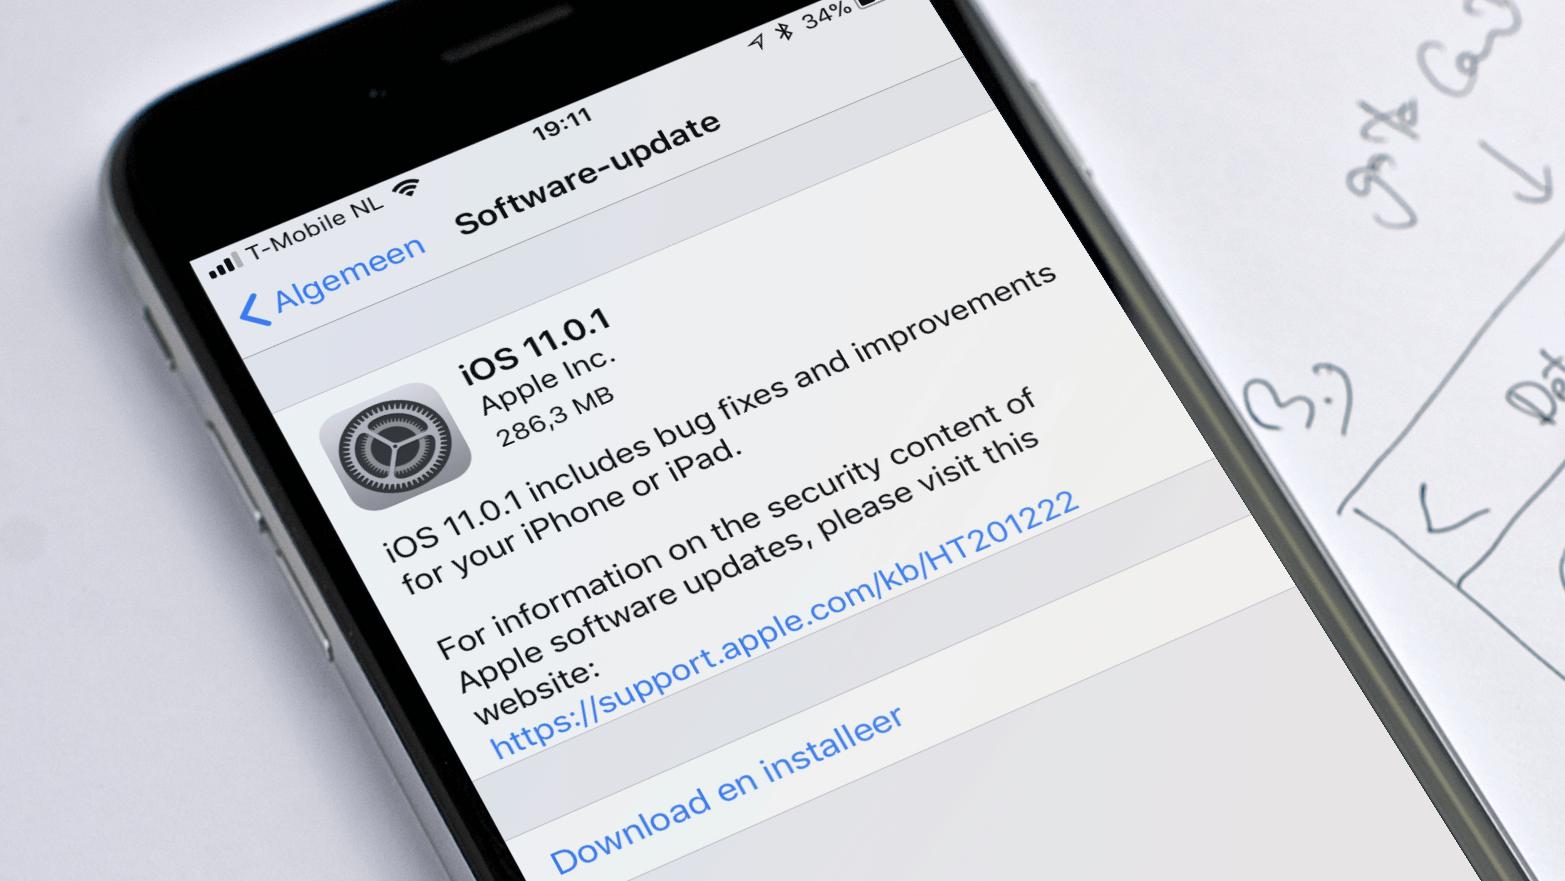 iOS 11.0.1 lifestyle 16x9